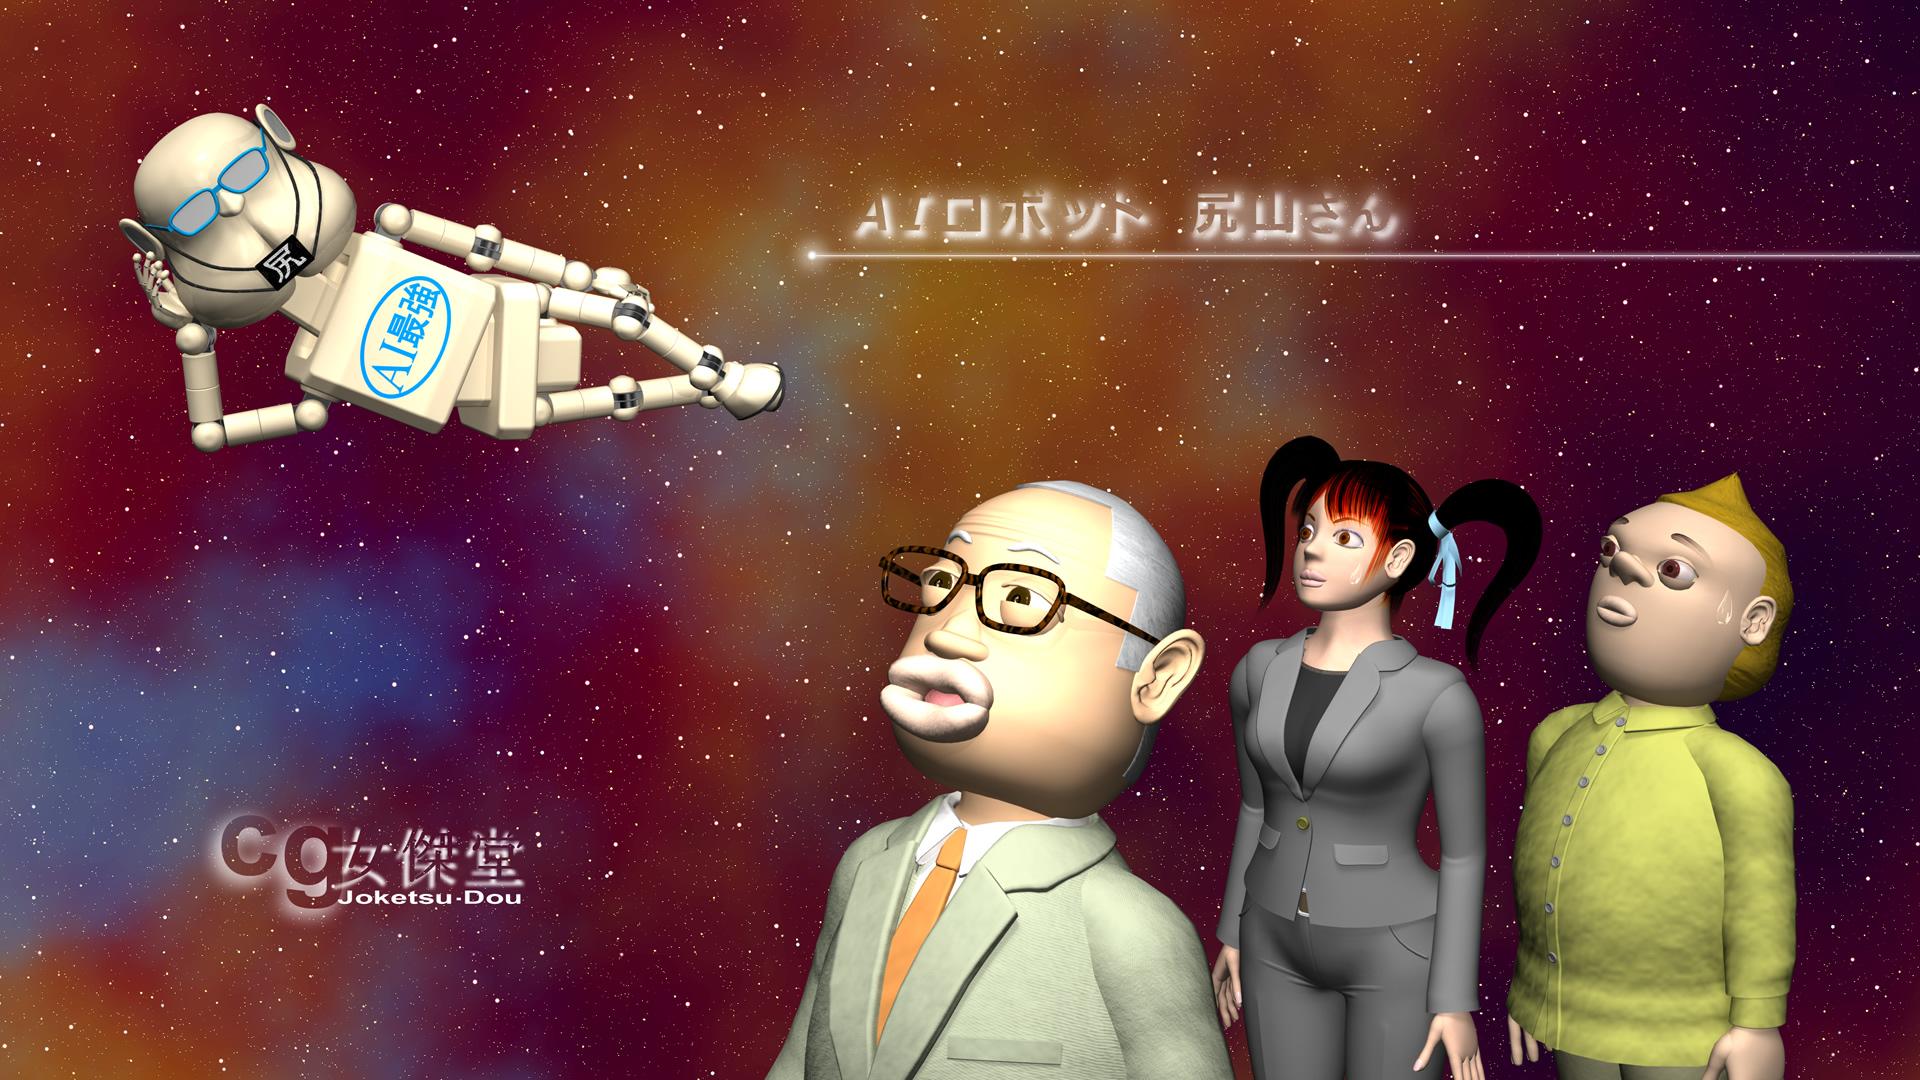 2017年12月 AIロボット尻山さんとの遭遇